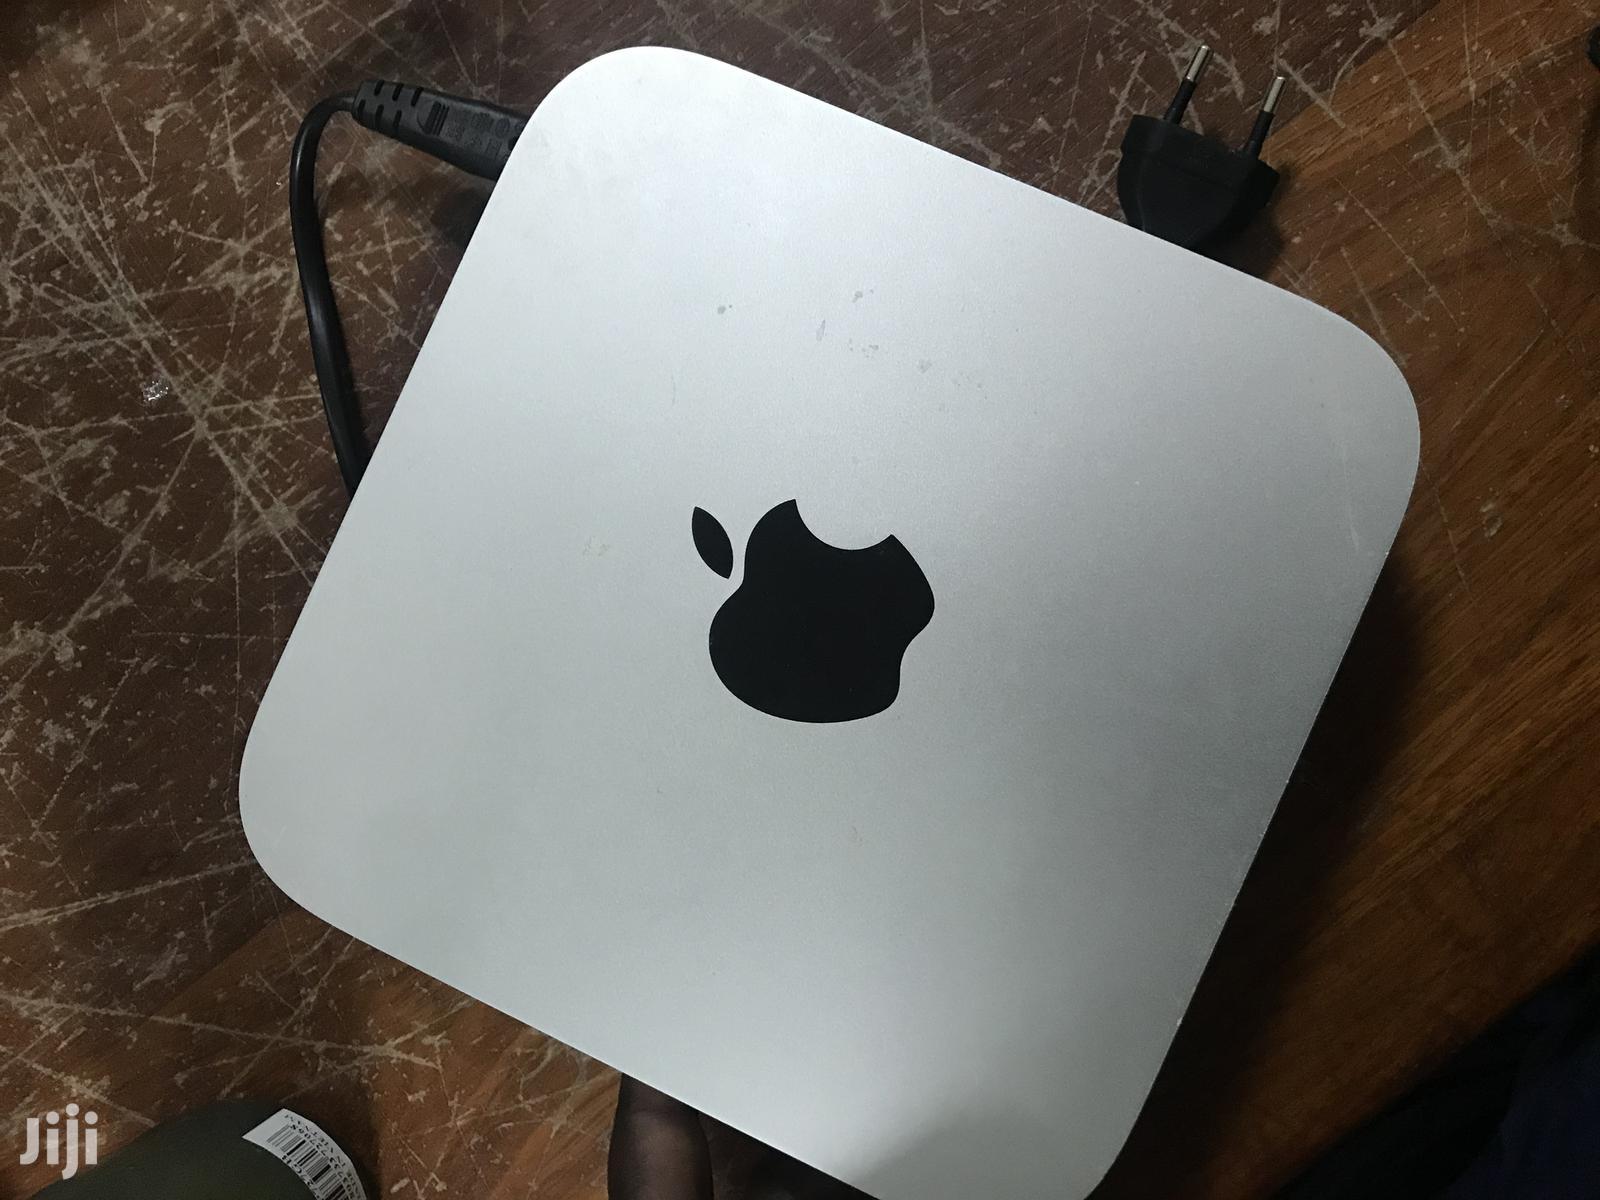 Desktop Computer Apple Mac Mini 4GB Intel Core i7 HDD 2T | Laptops & Computers for sale in Dodoma Rural, Dodoma Region, Tanzania